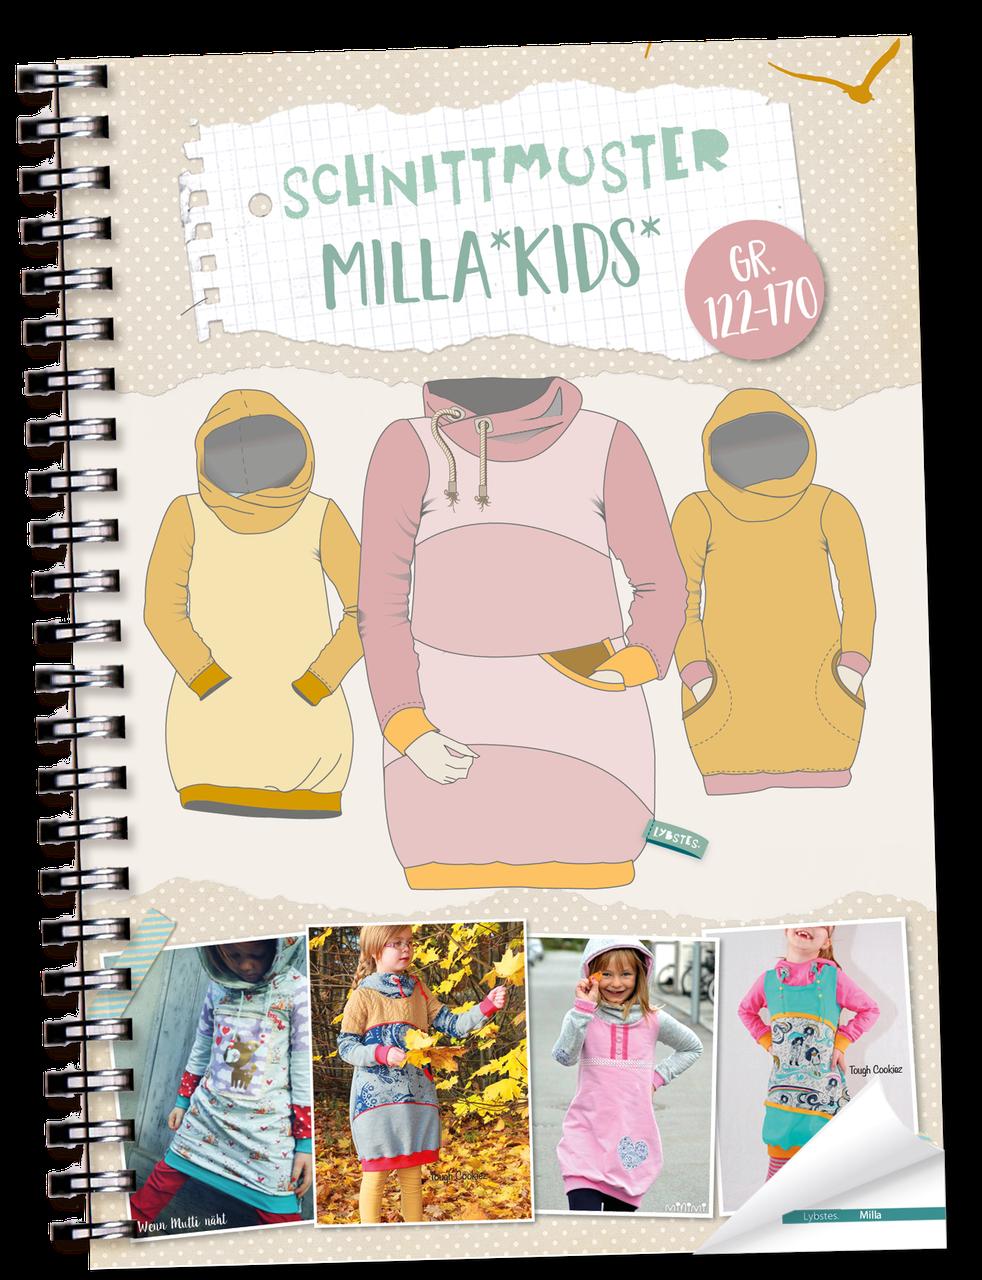 Lybstes. Milla E-Book | Gr. 122-170